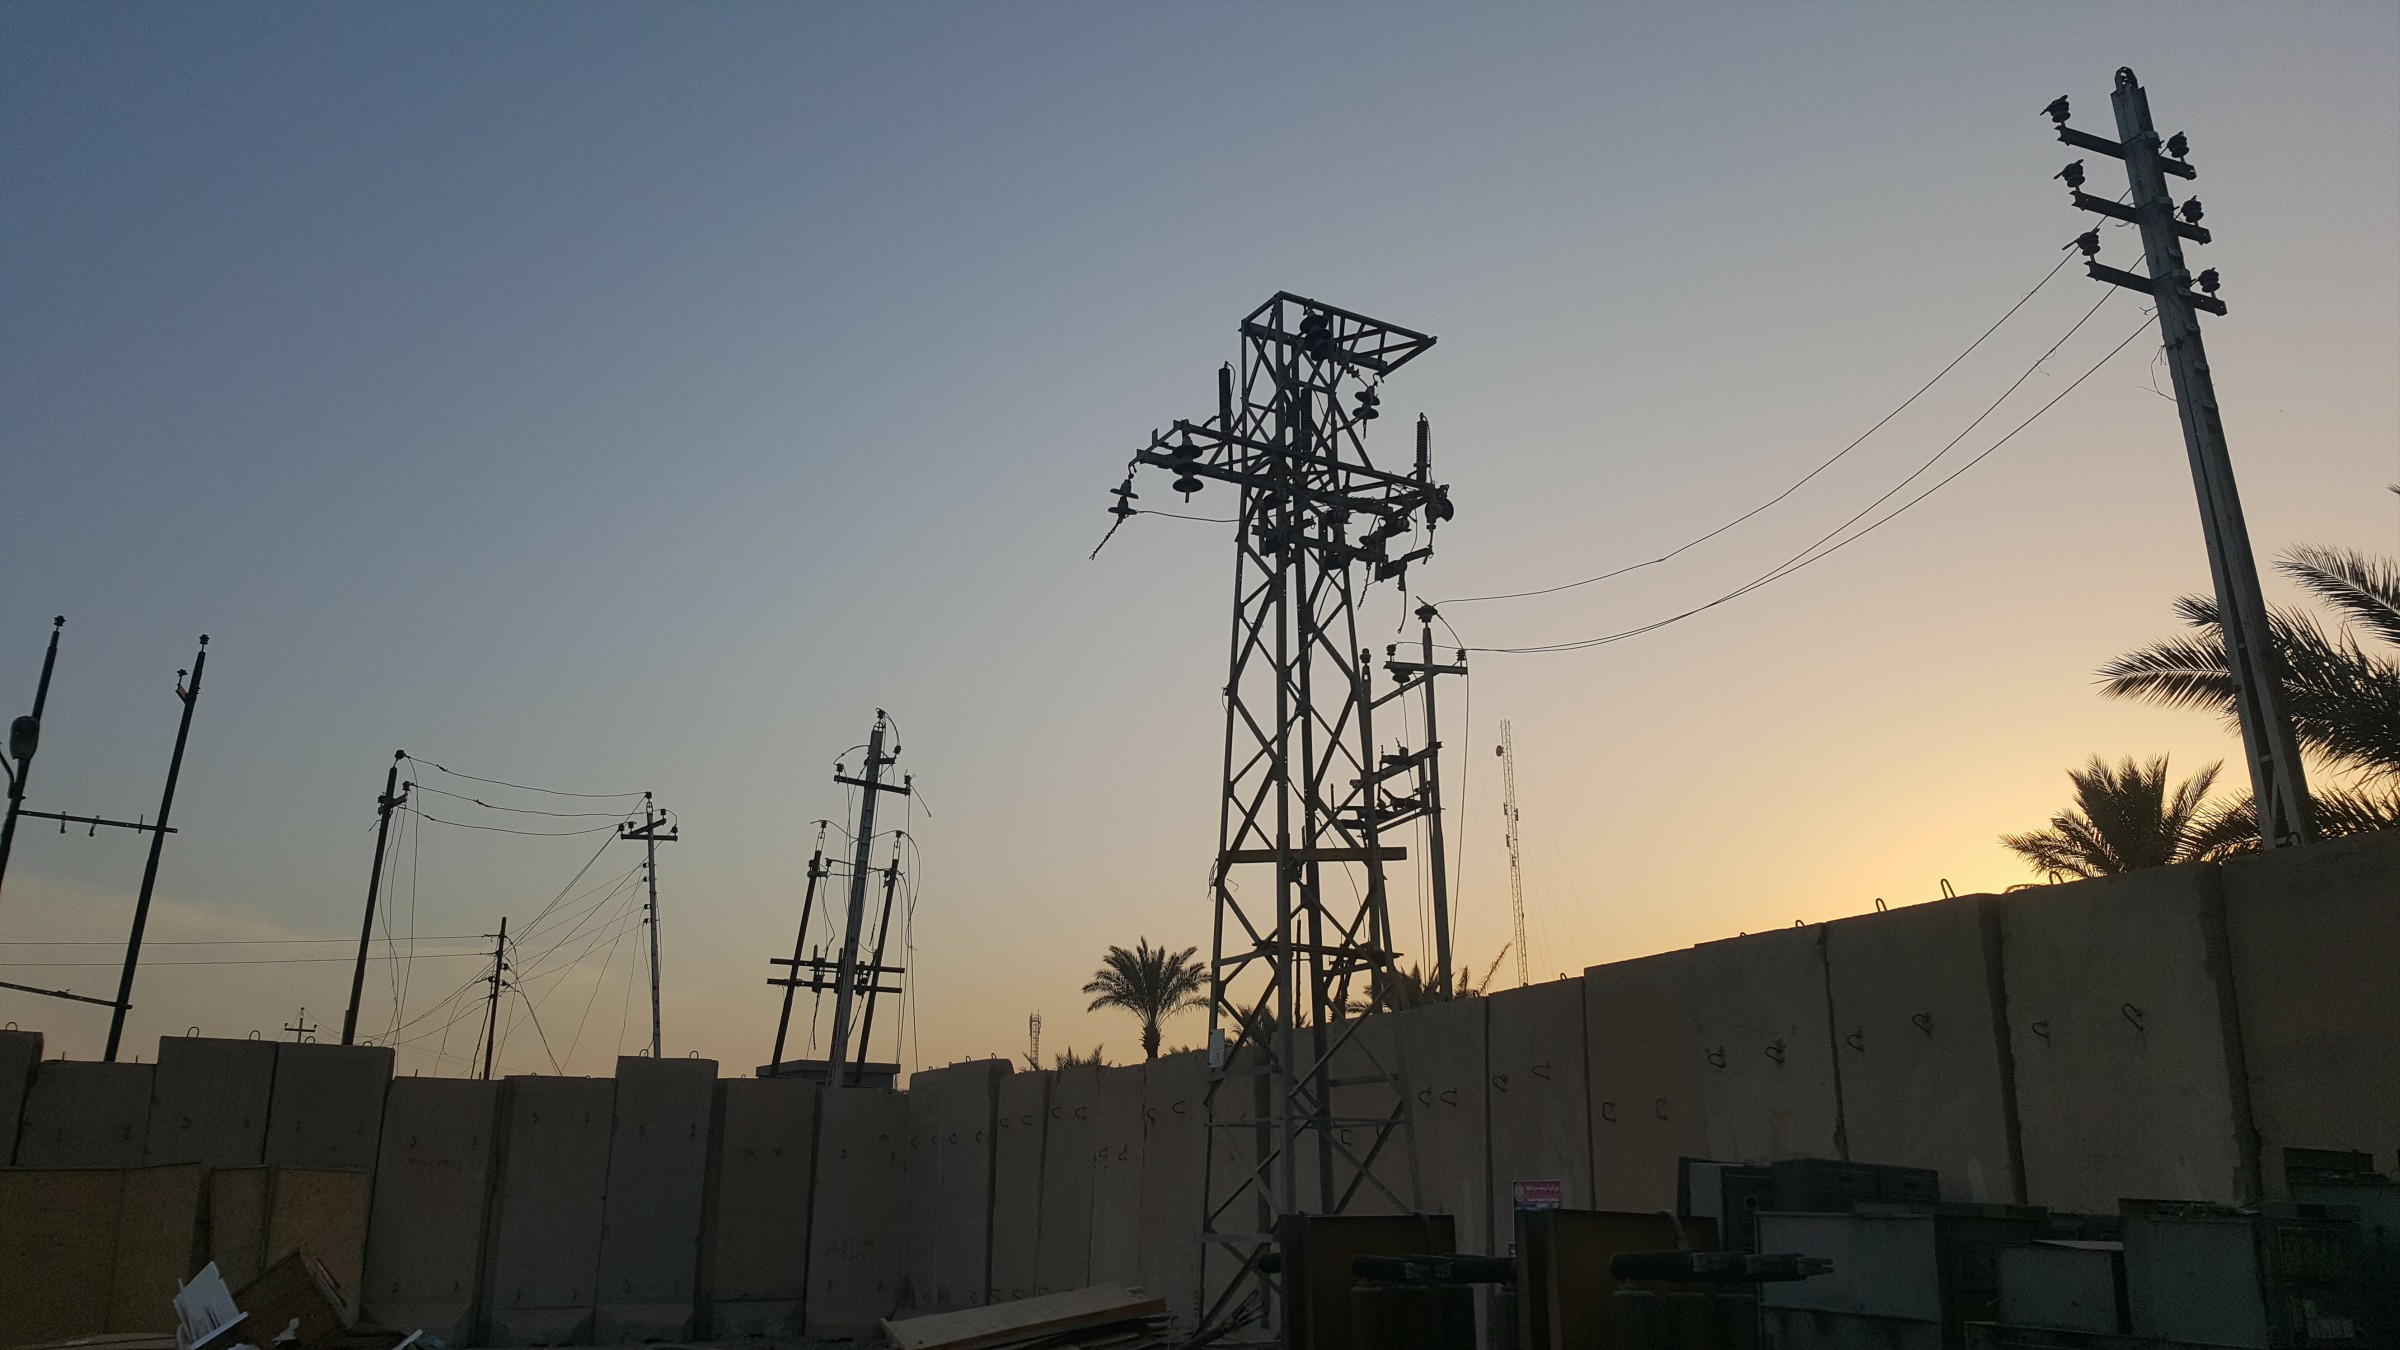 قائممقام الرمادي: أيام تفصلنا عن إعادة التيار الكهربائي للقضاء